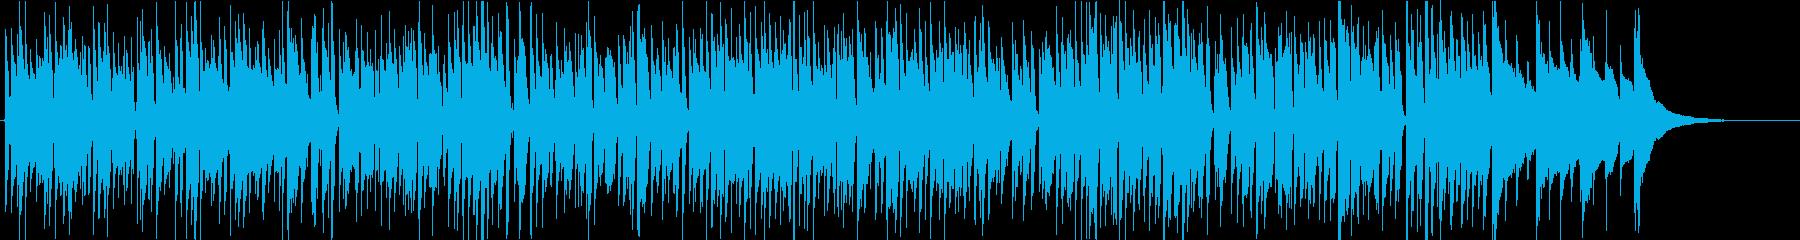 ジングルベル アコギ ボサノバの再生済みの波形